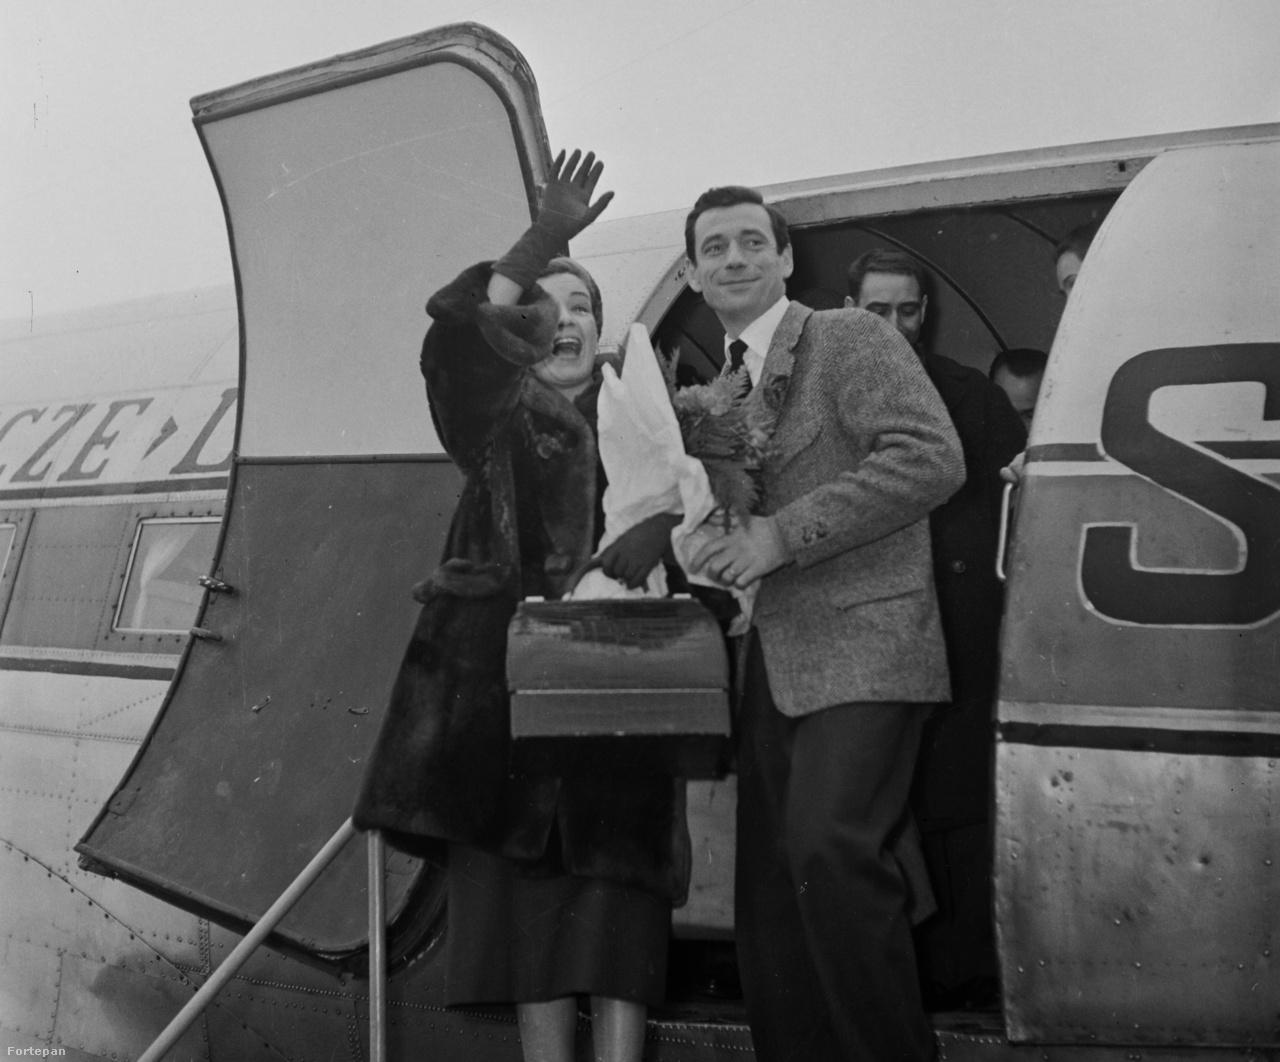 1957: Magyarországra látogatott Simone Signoret színművésznő és férje, Yves Montand sanzonénekes és filmszínész. A francia sztárházaspár a lengyel légitársaság (LOT) Liszunov Li-2 típusú repülőgépével érkezett a magyar főváros repülőterére.